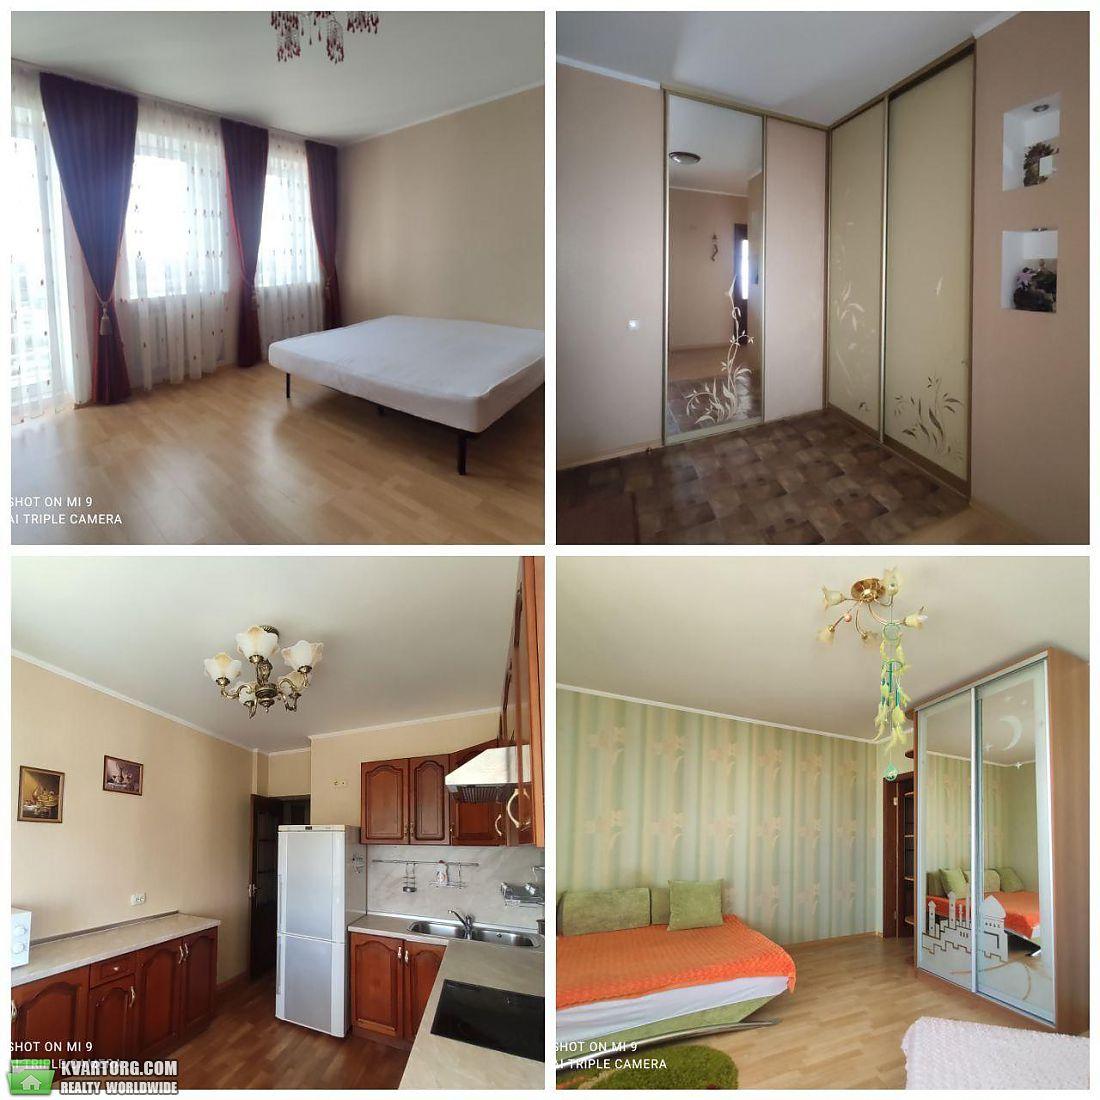 продам 2-комнатную квартиру Киев, ул. Российская 64 - Фото 1